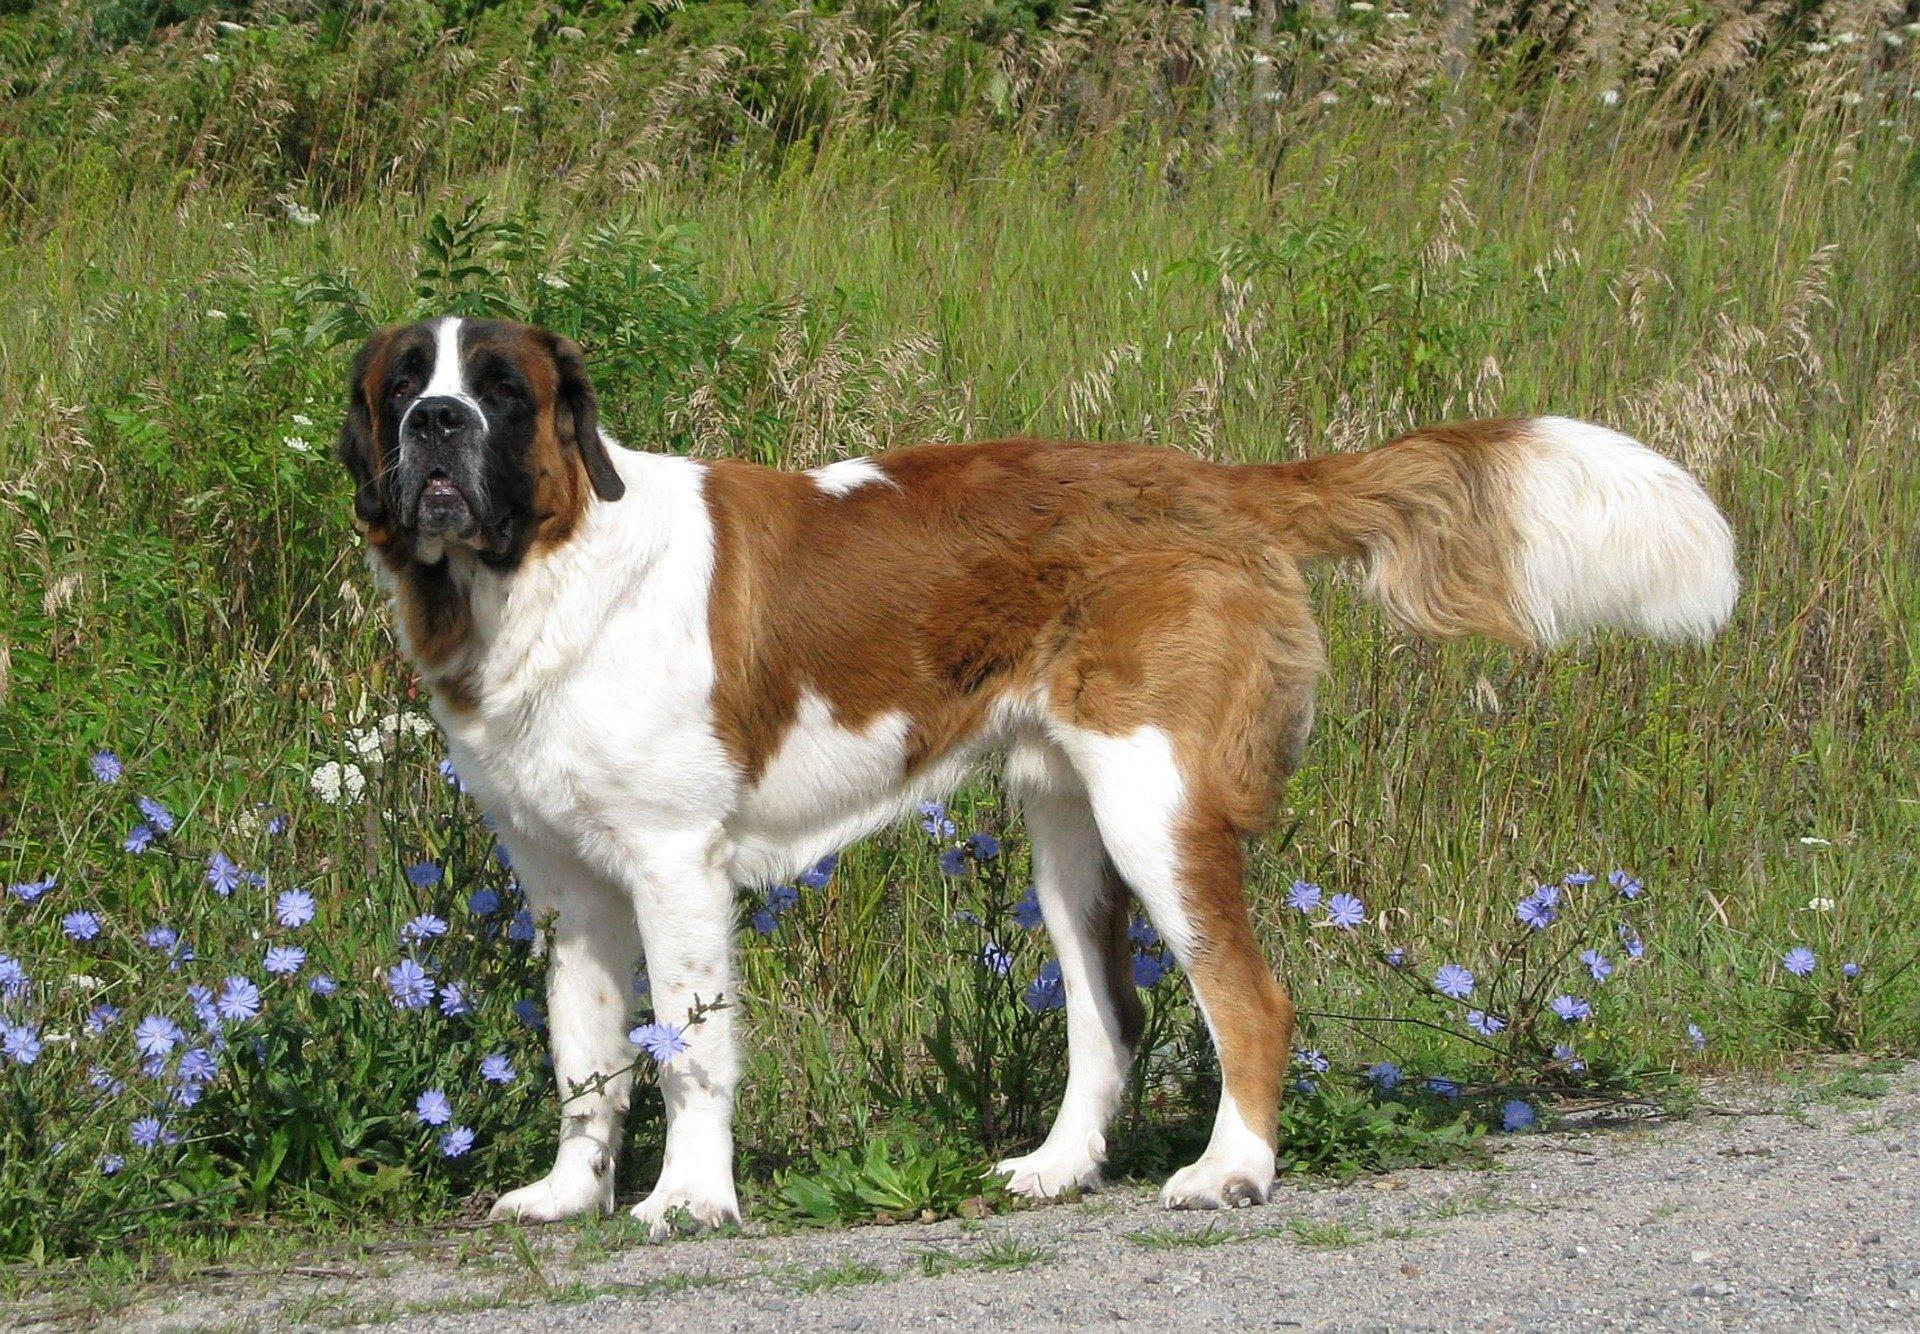 Cani taglia grande: tutto ciò che bisogna sapere